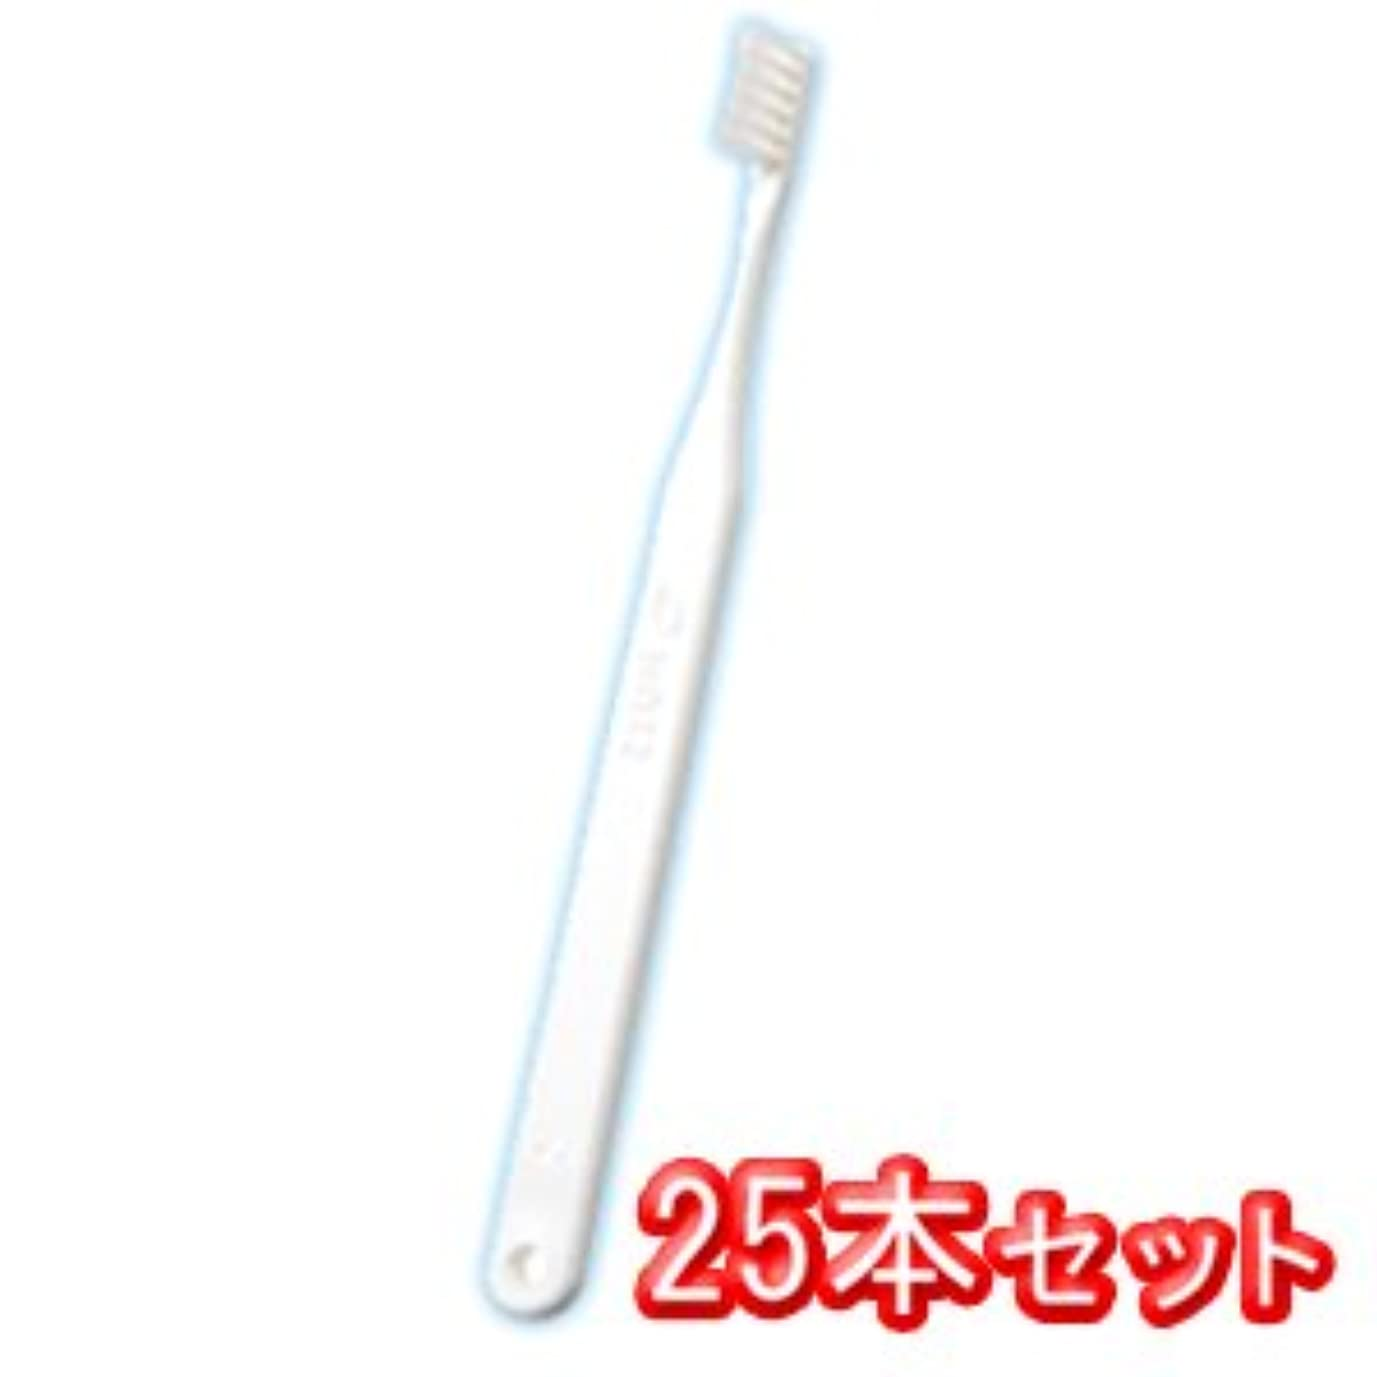 九月扱う提供するオーラルケア タフト12 歯ブラシ 25本入 スーパーソフト SS ホワイト